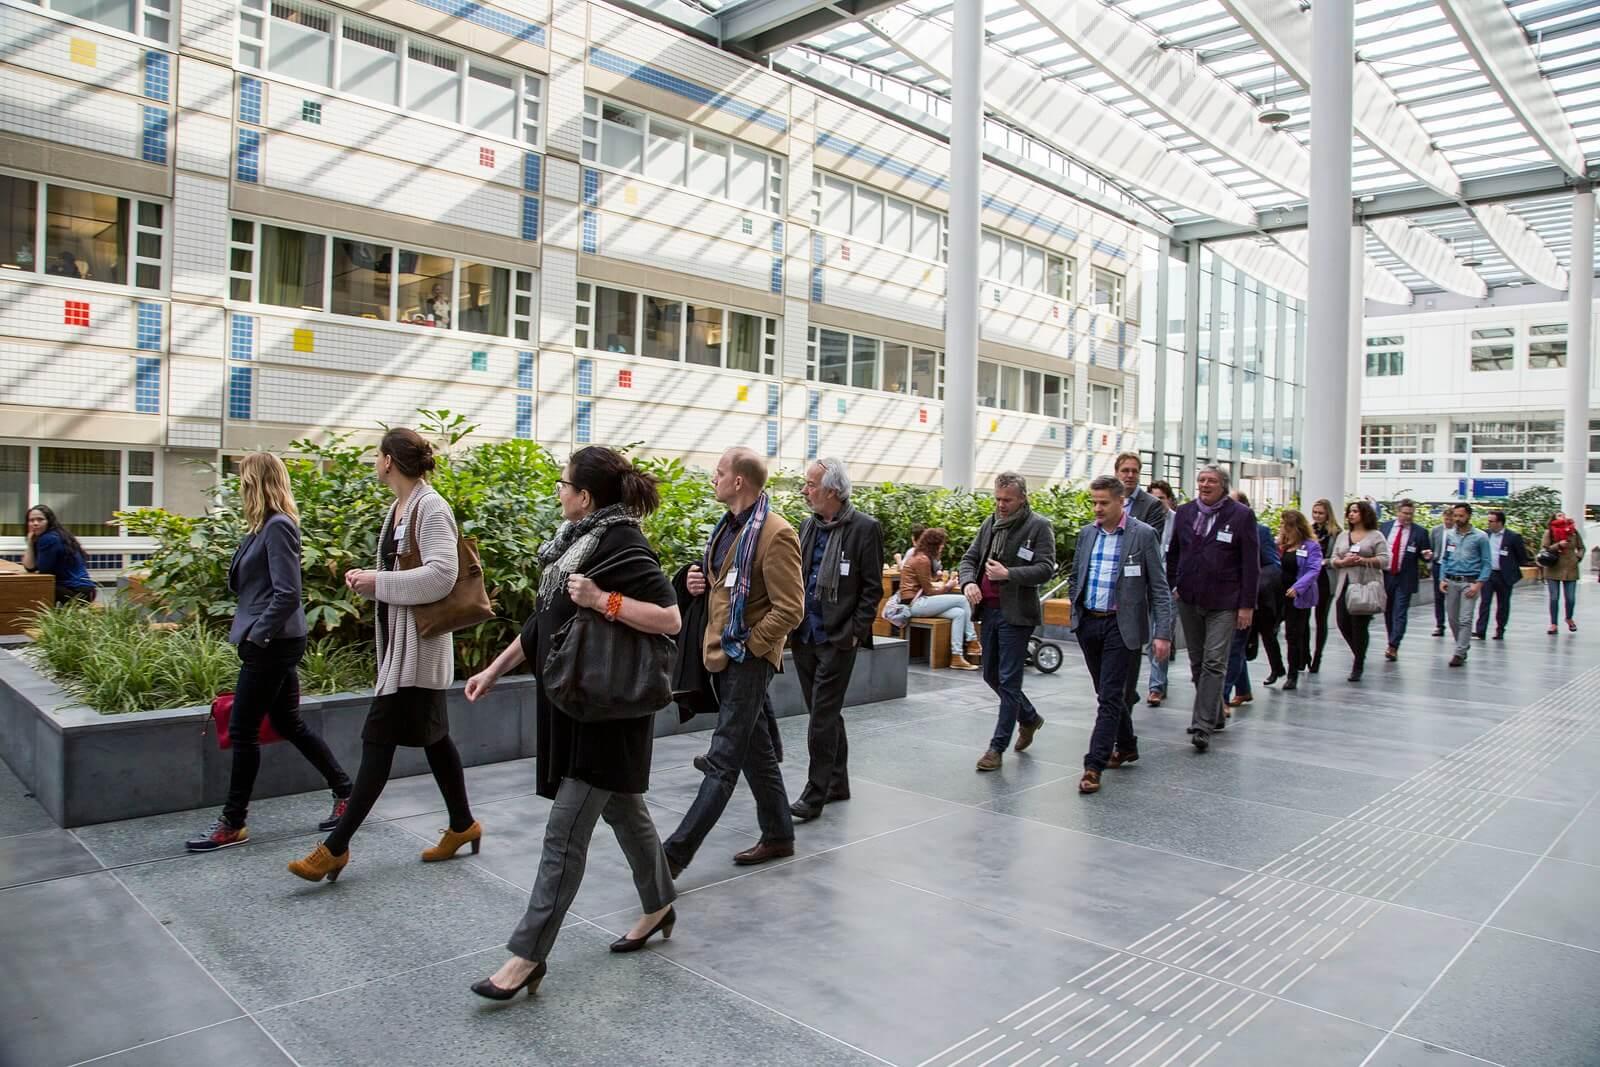 Rondleiding Erasmus MC 27 maart 2015 Beeld: Ronald Schlundt Bodien/EGM architecten